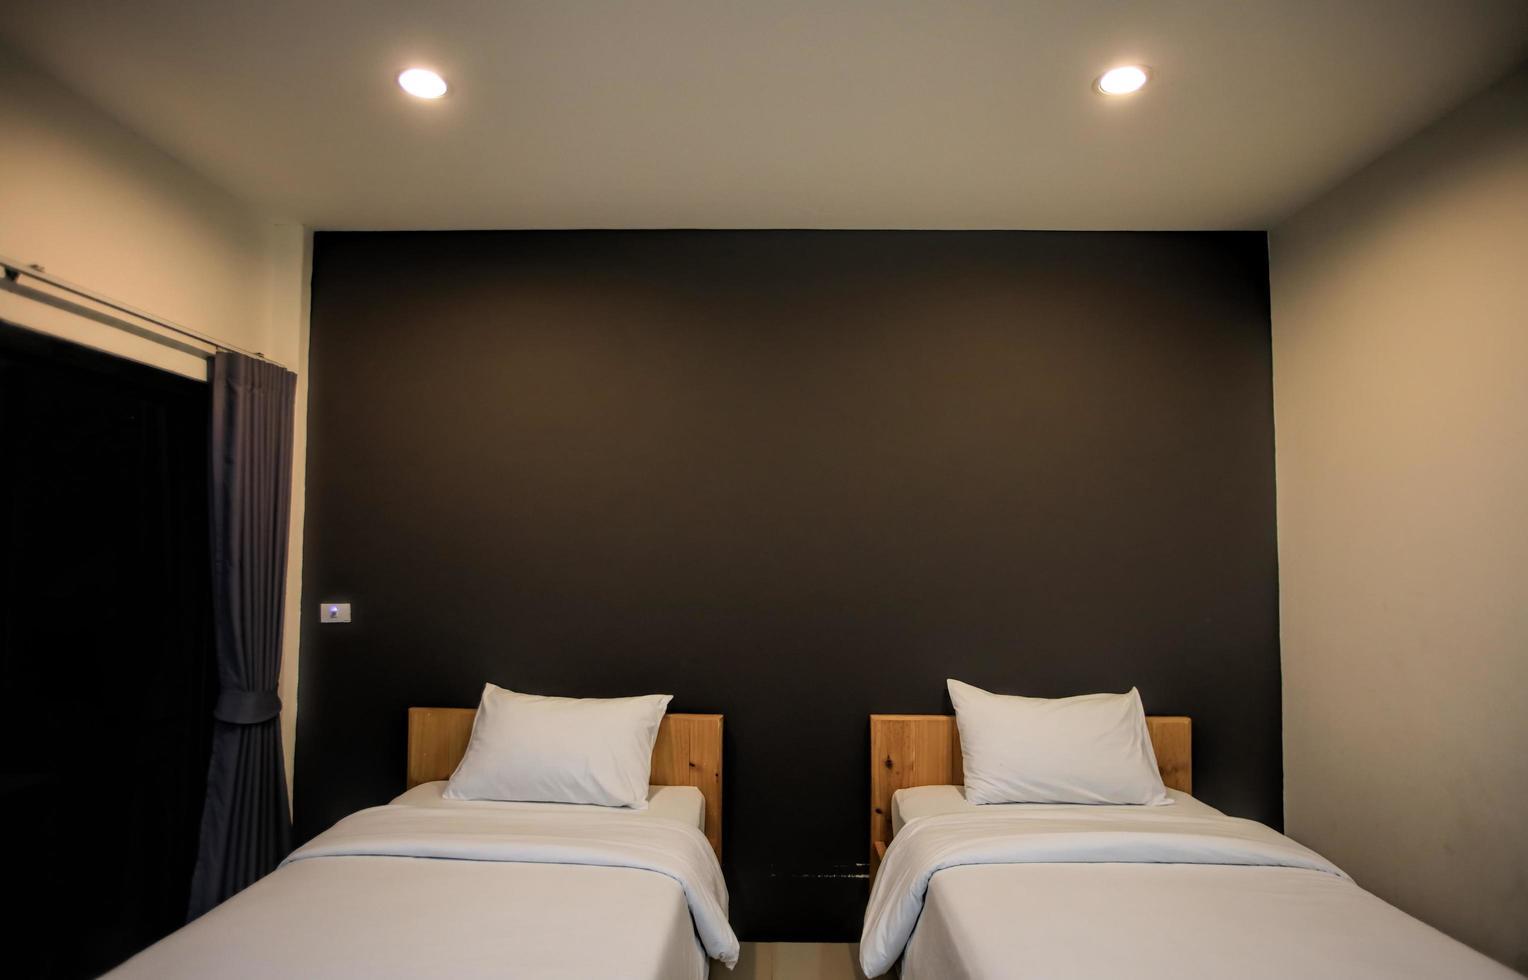 chambre d'hôtel à lits jumeaux dans un complexe hôtelier photo